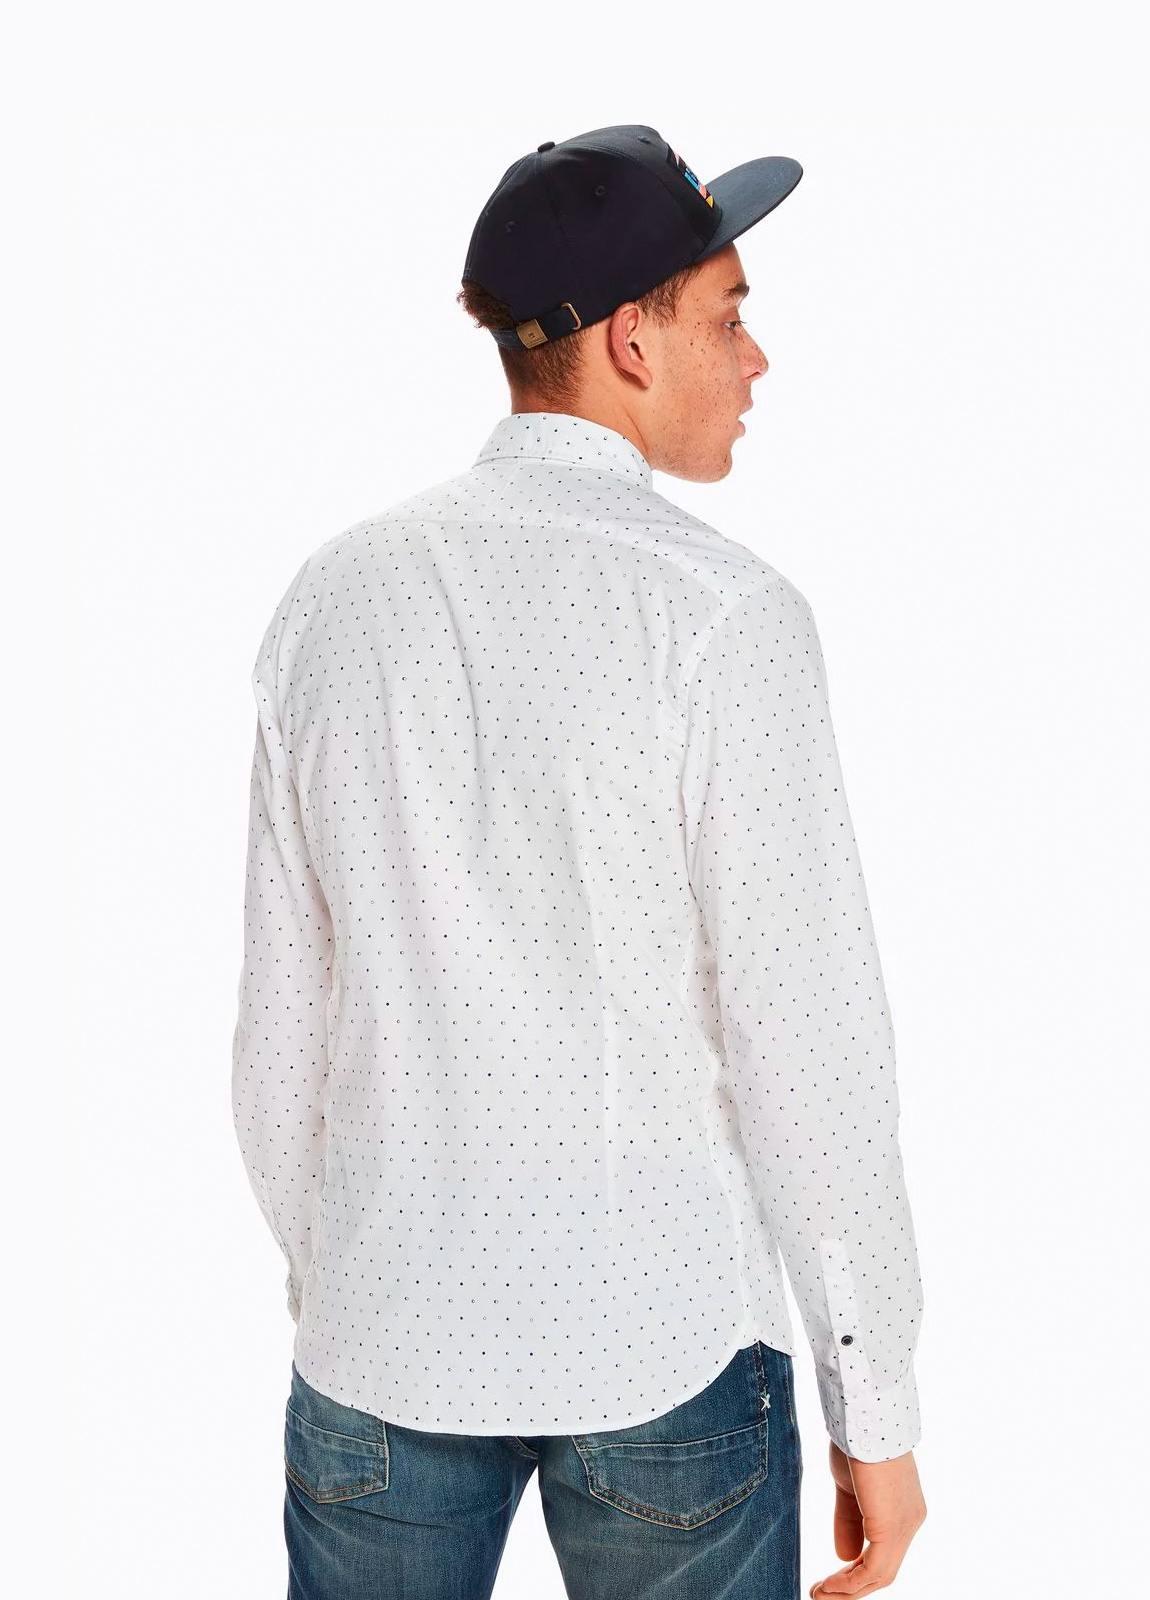 Camisa SLIM FIT, cuello botones. Estampado fases lunares, color blanco . 100% Algodón. - Ítem3